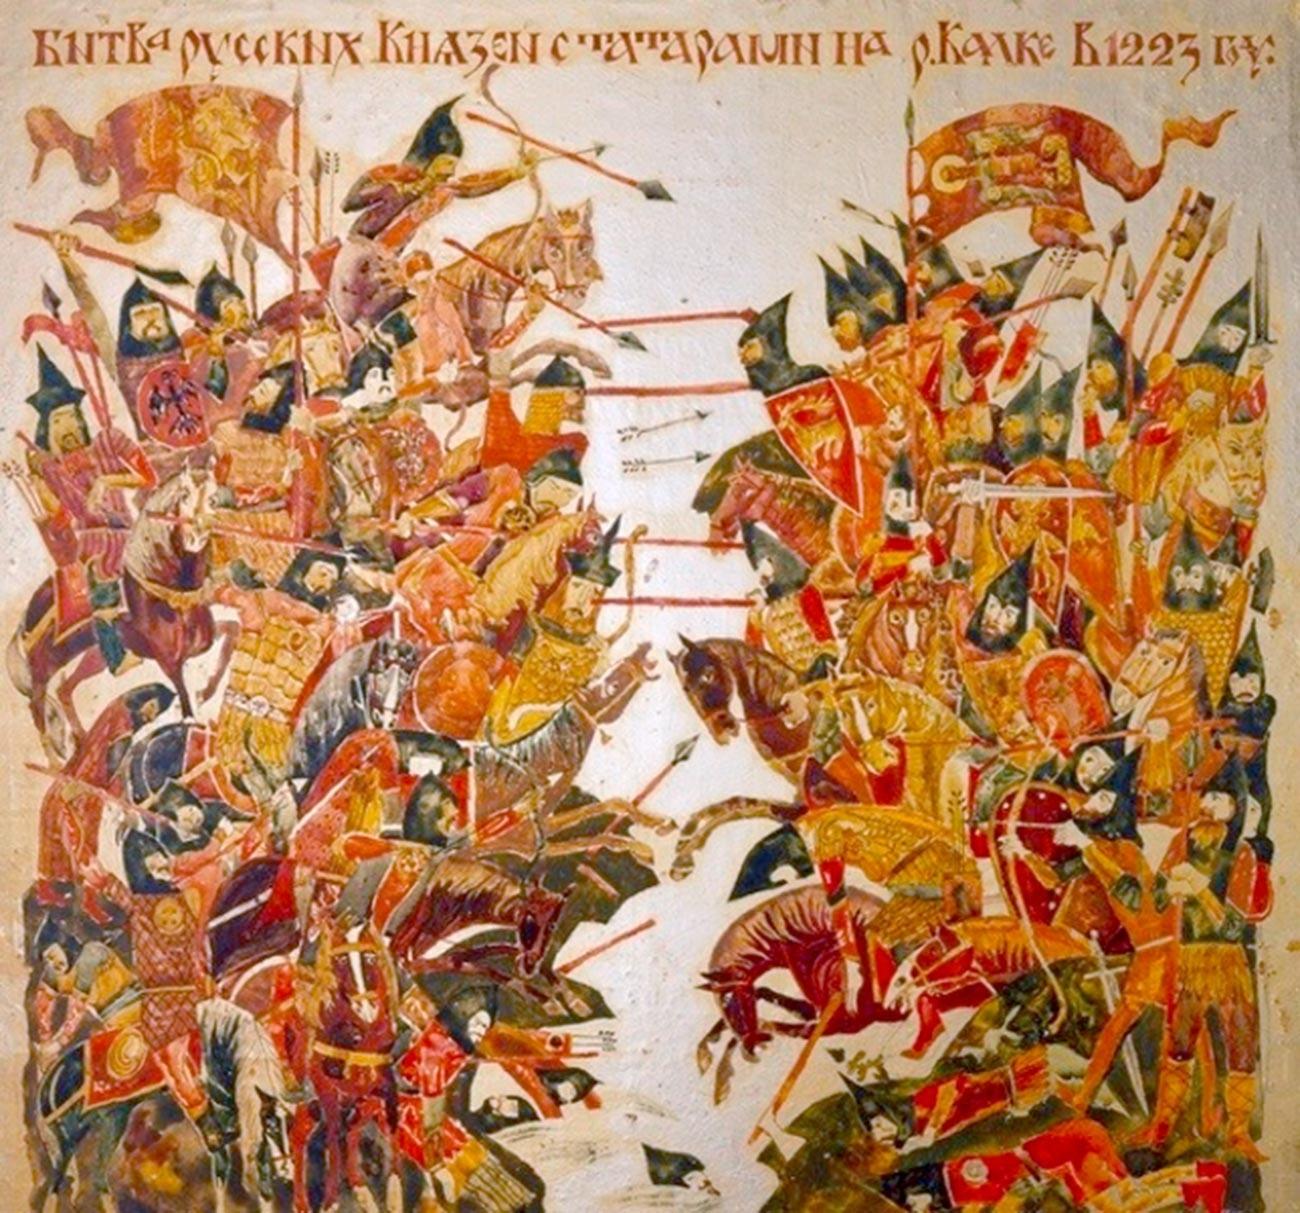 Bitka na Kalki. Pozna stilizirana slika